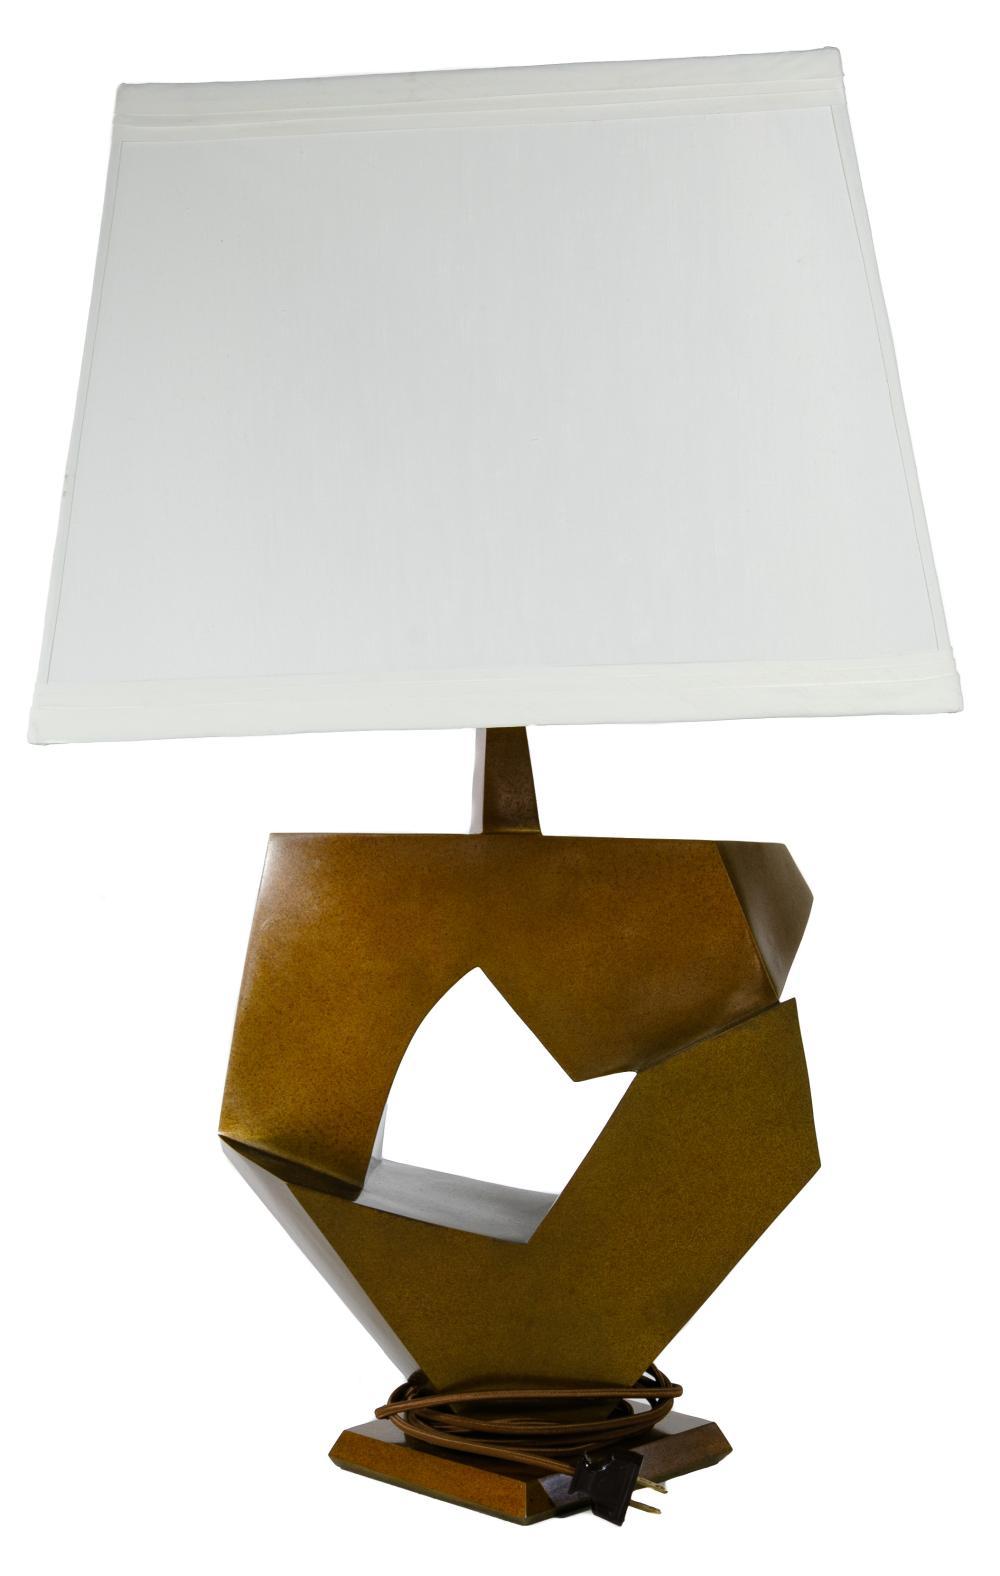 Stanton (20th Century) Bronze Table Lamp